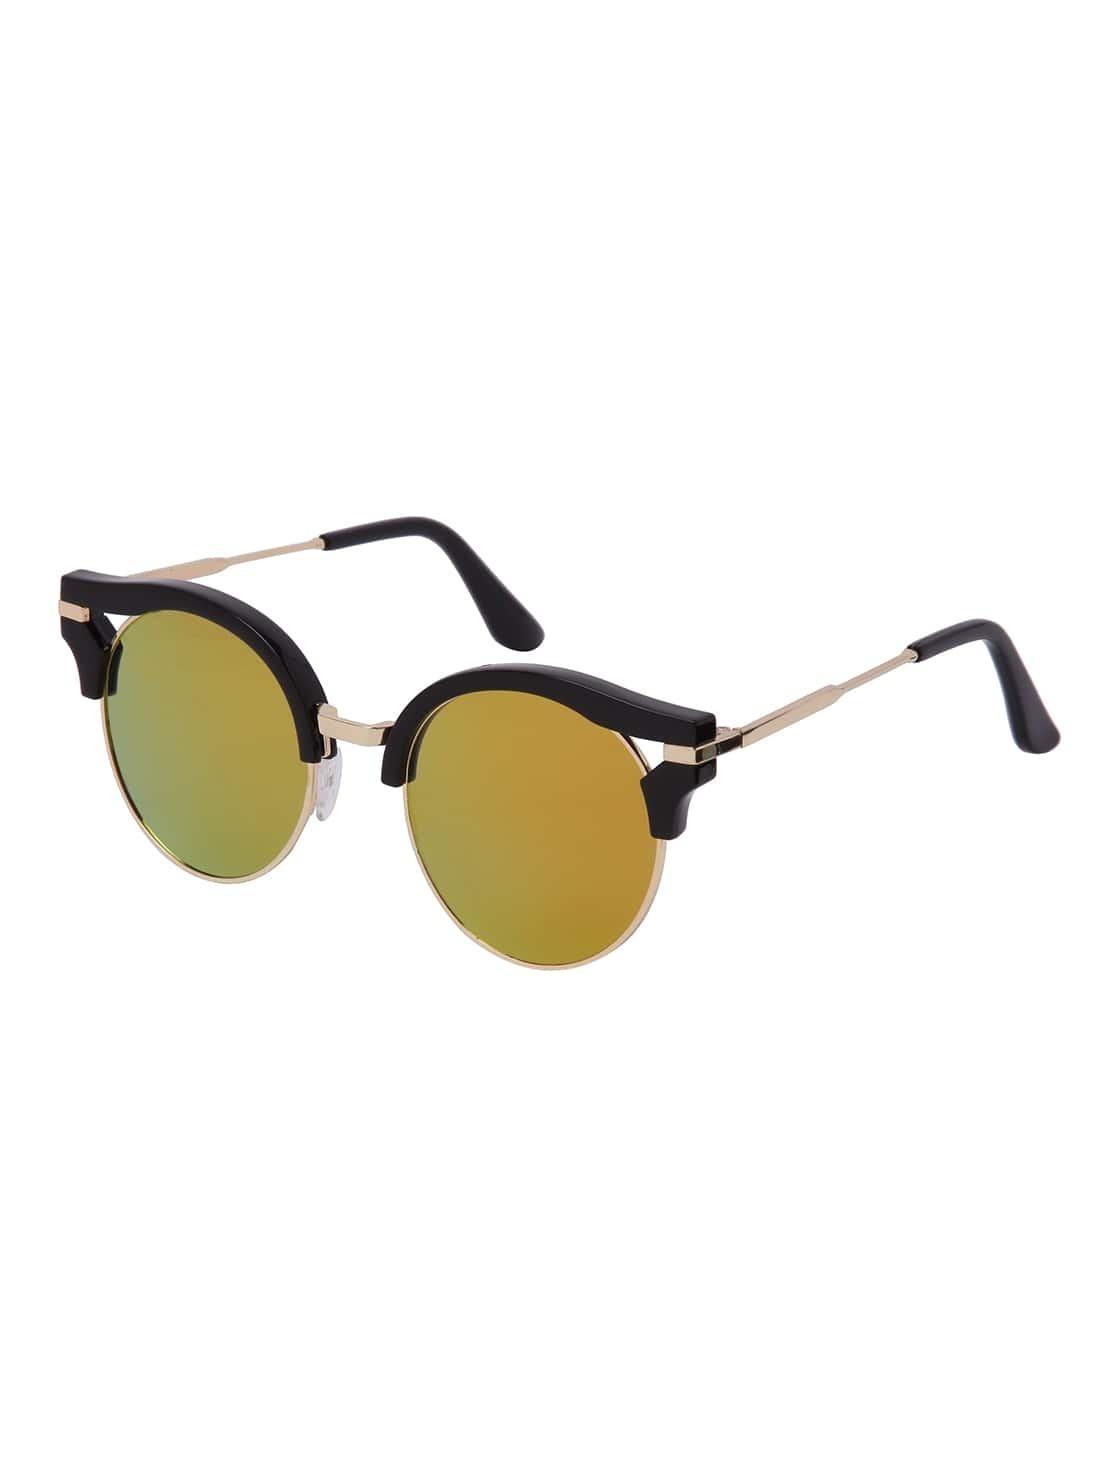 Black Half Frame Glasses : Black Half-frame Round Lenses Sunglasses